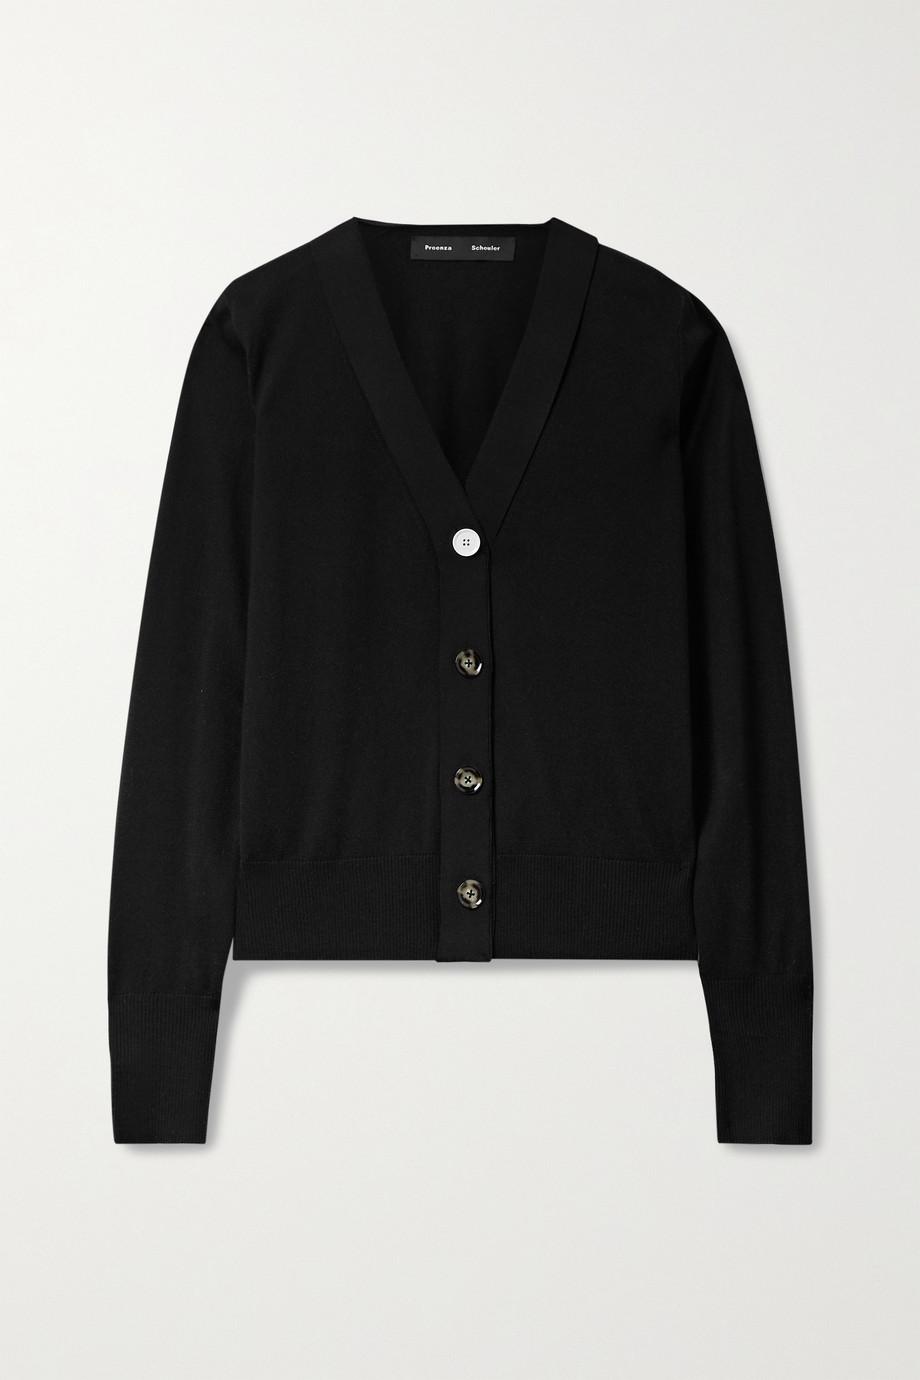 Proenza Schouler Silk and cashmere-blend cardigan